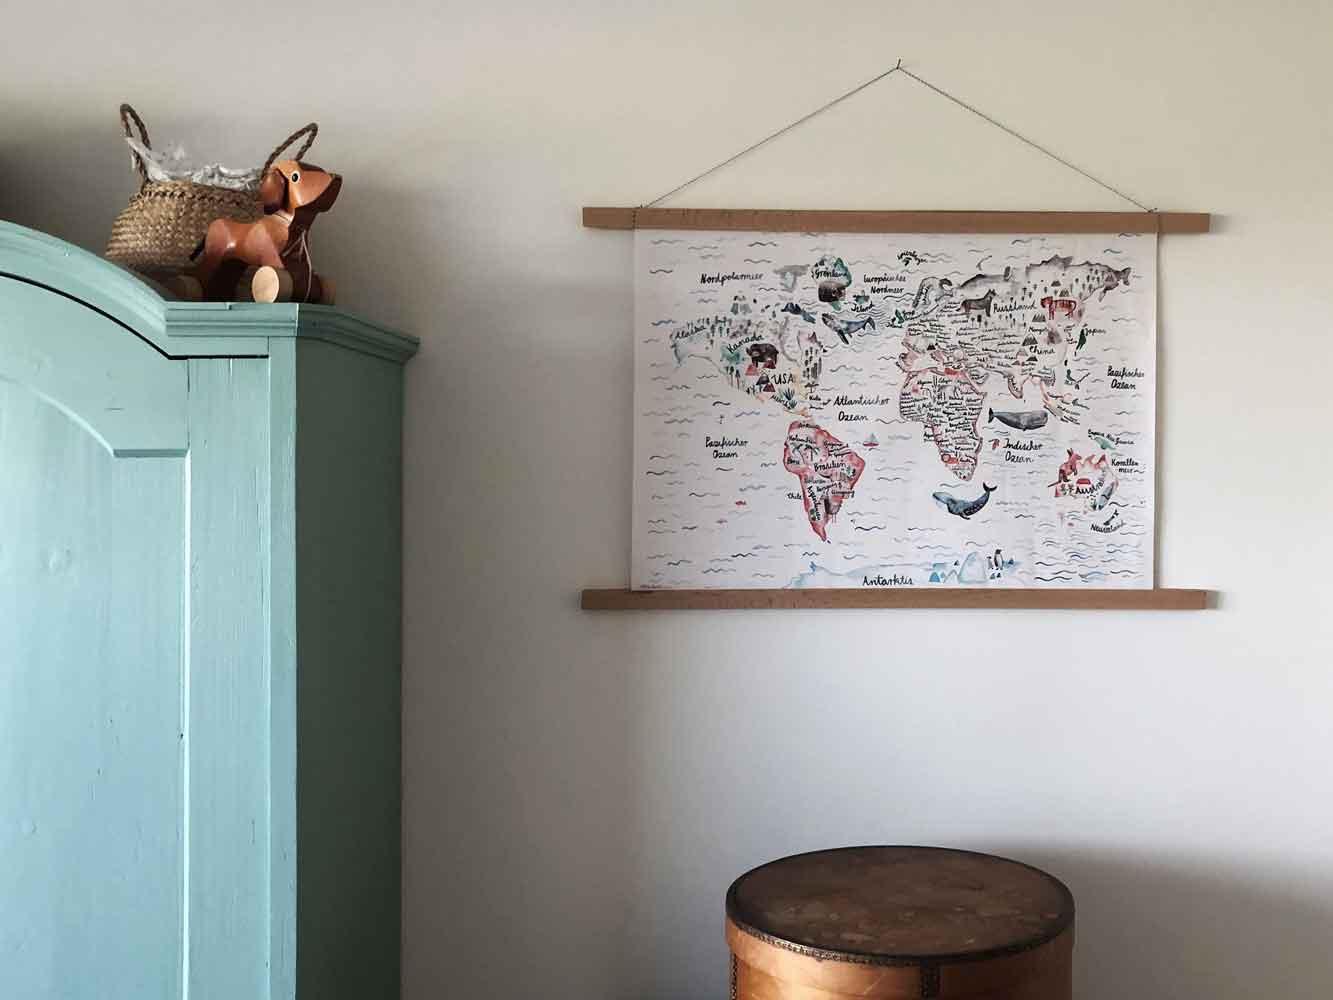 DIY Bilderrahmen Holz einfach Holzleiste Poster Kinderzimmer Bauernschrank - DIY | Bilderrahmen in unter 2 Minuten einfach selber machen